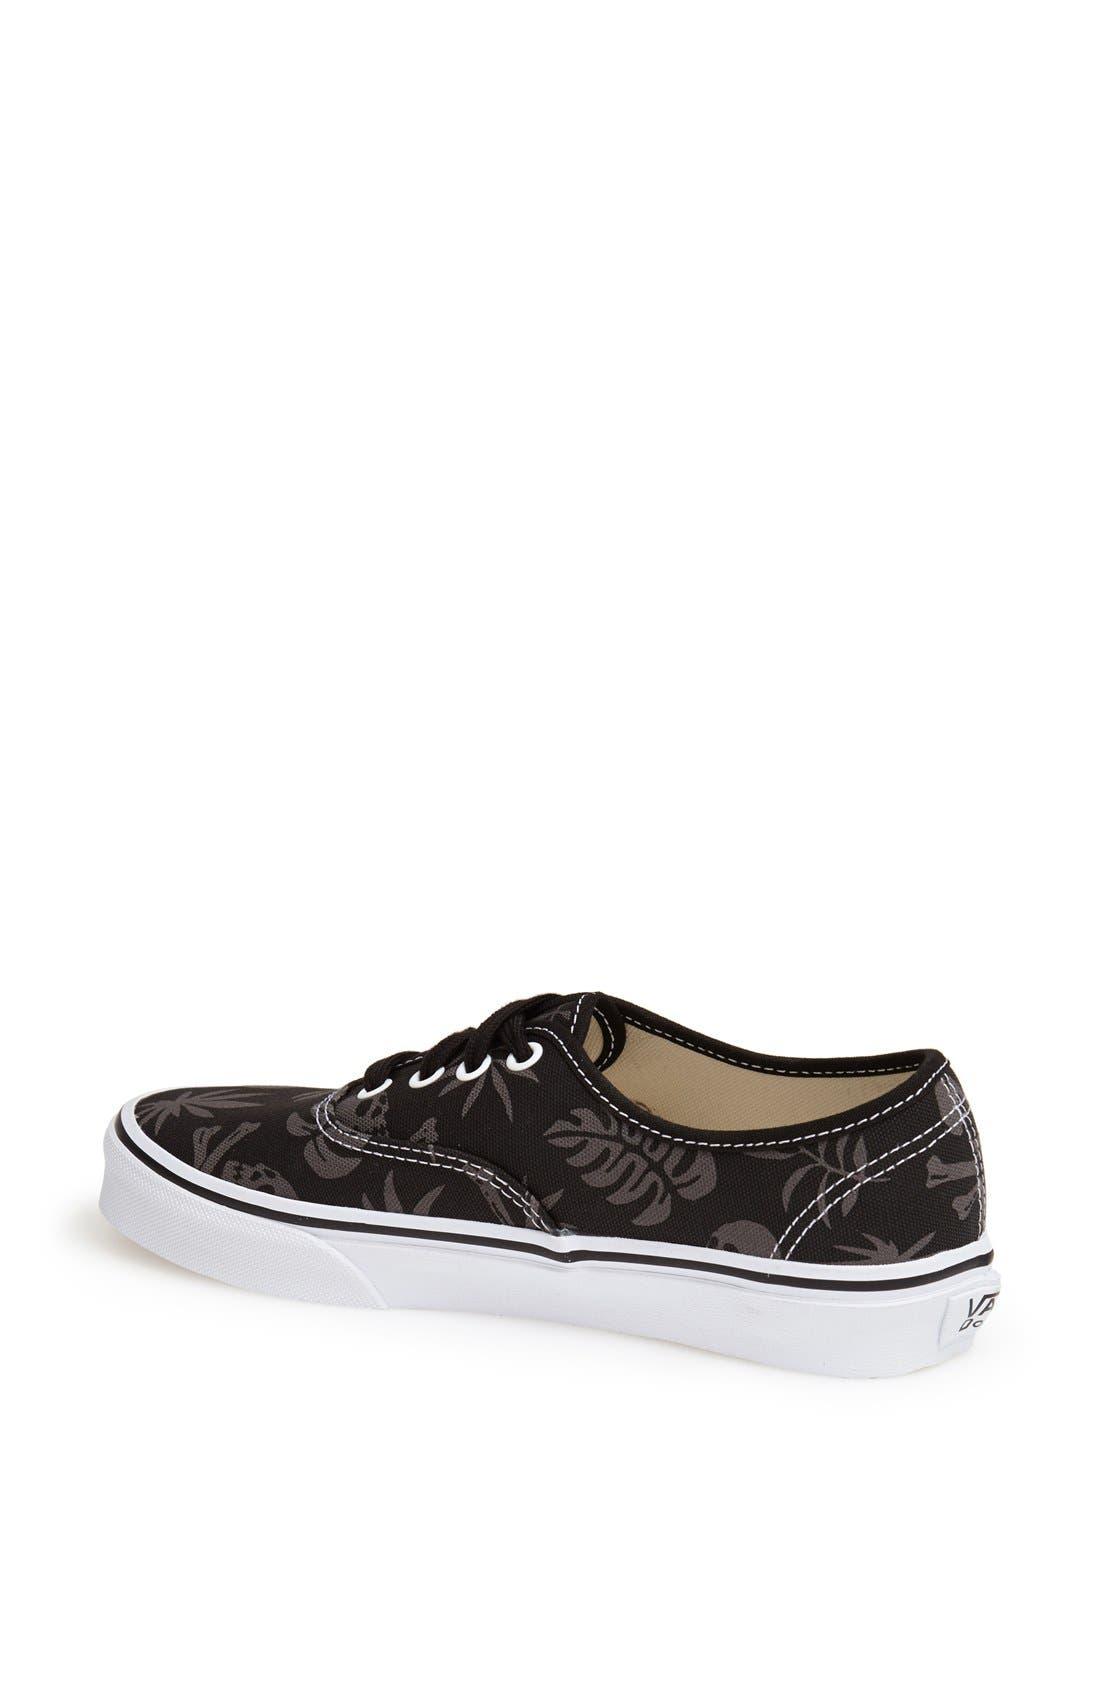 Alternate Image 2  - Vans 'Van Doren - Authentic' Sneaker (Women)